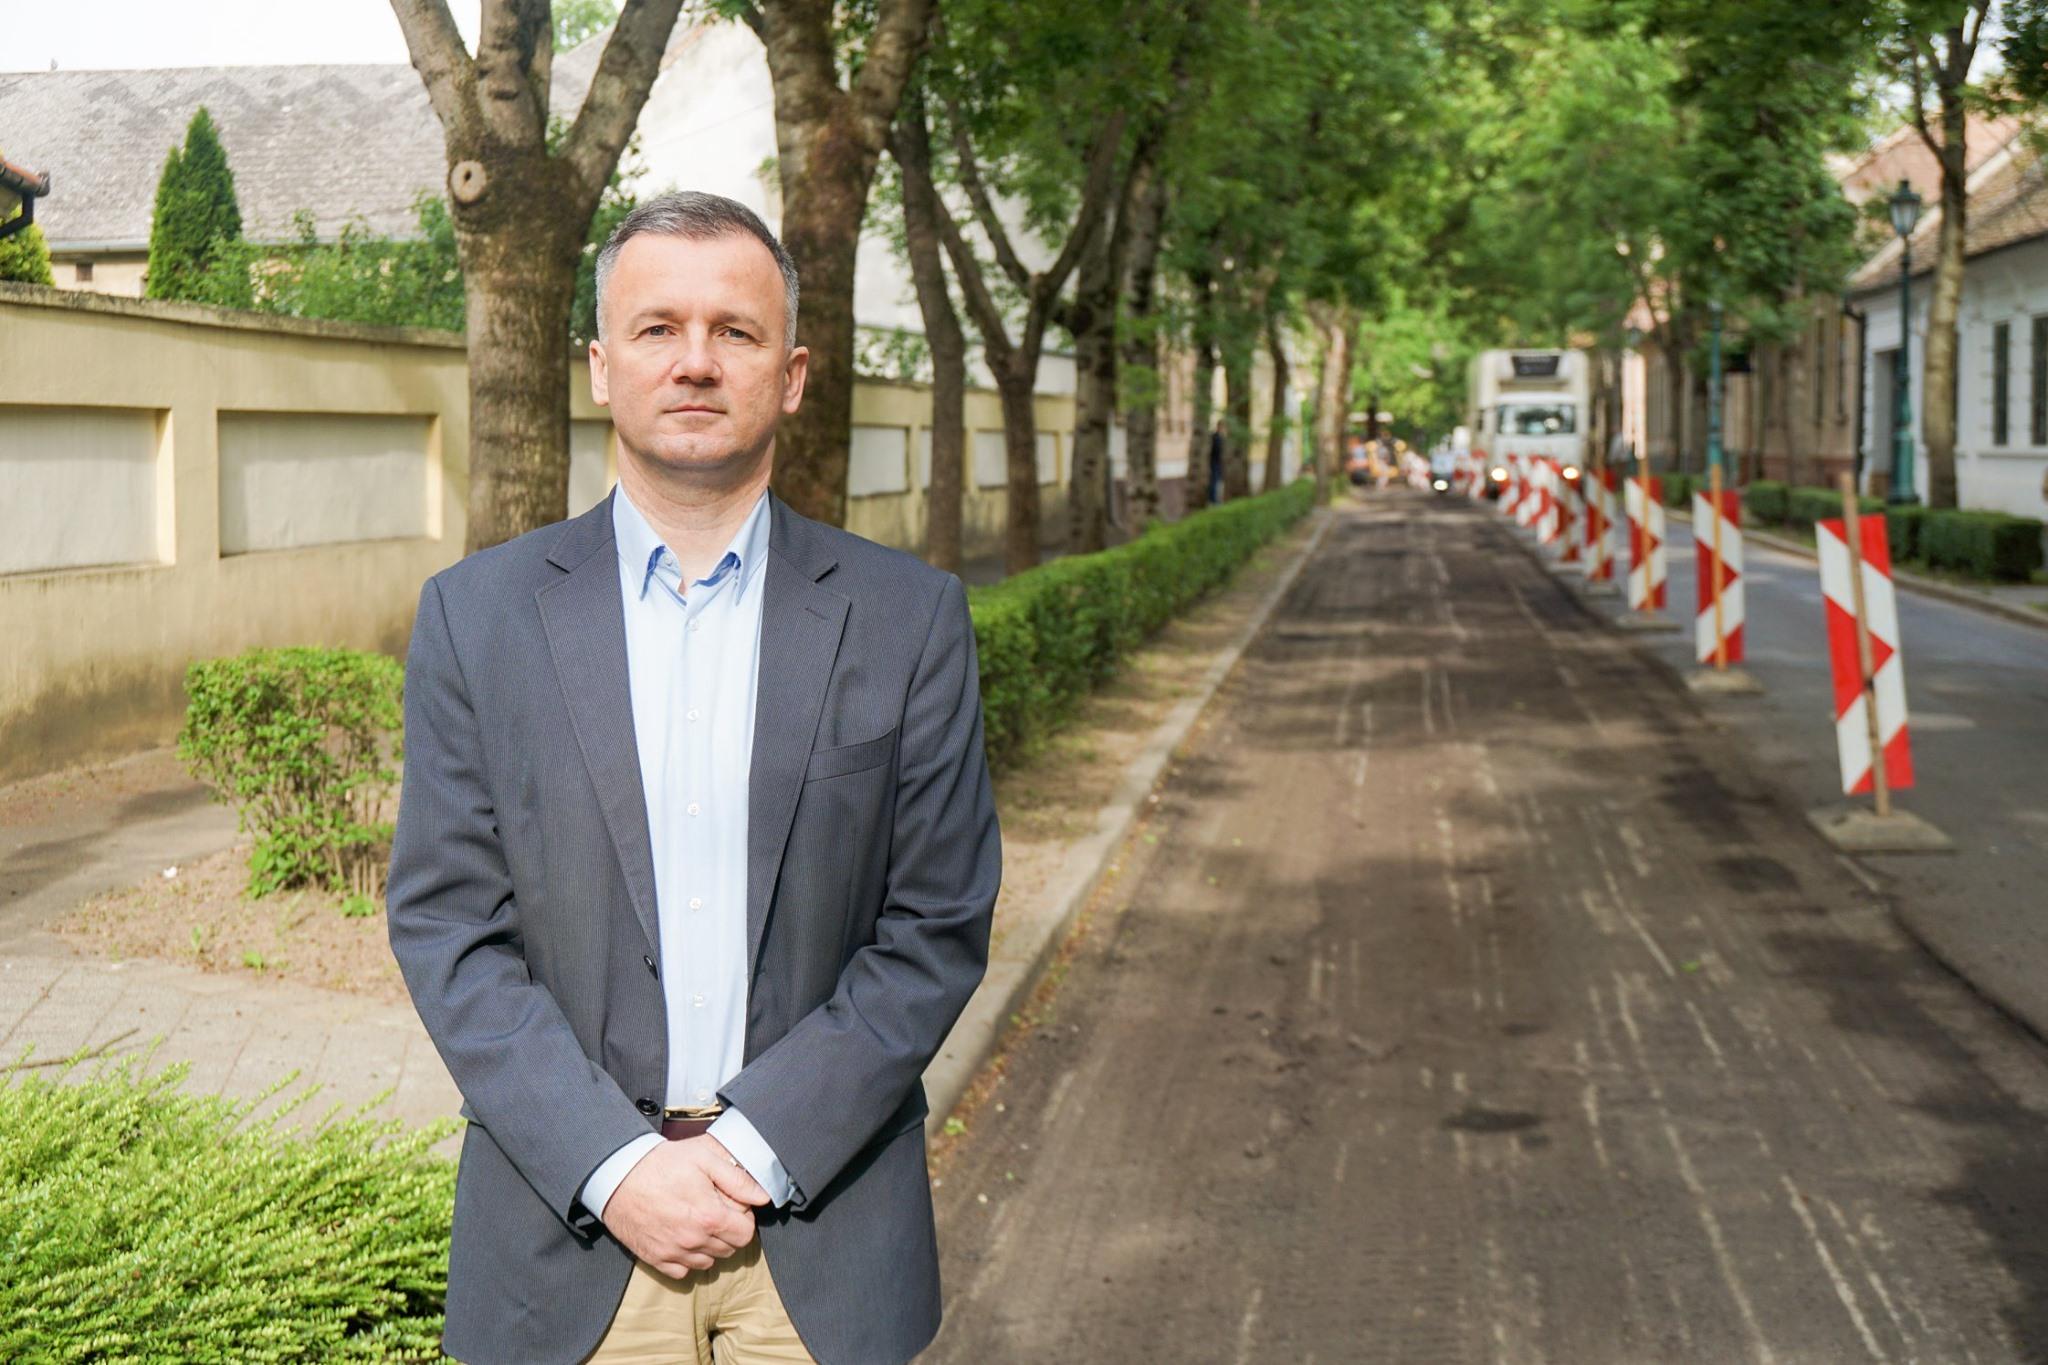 A fideszes polgármester jelentette fel a gyulai ellenzékit rémhírterjesztés miatt